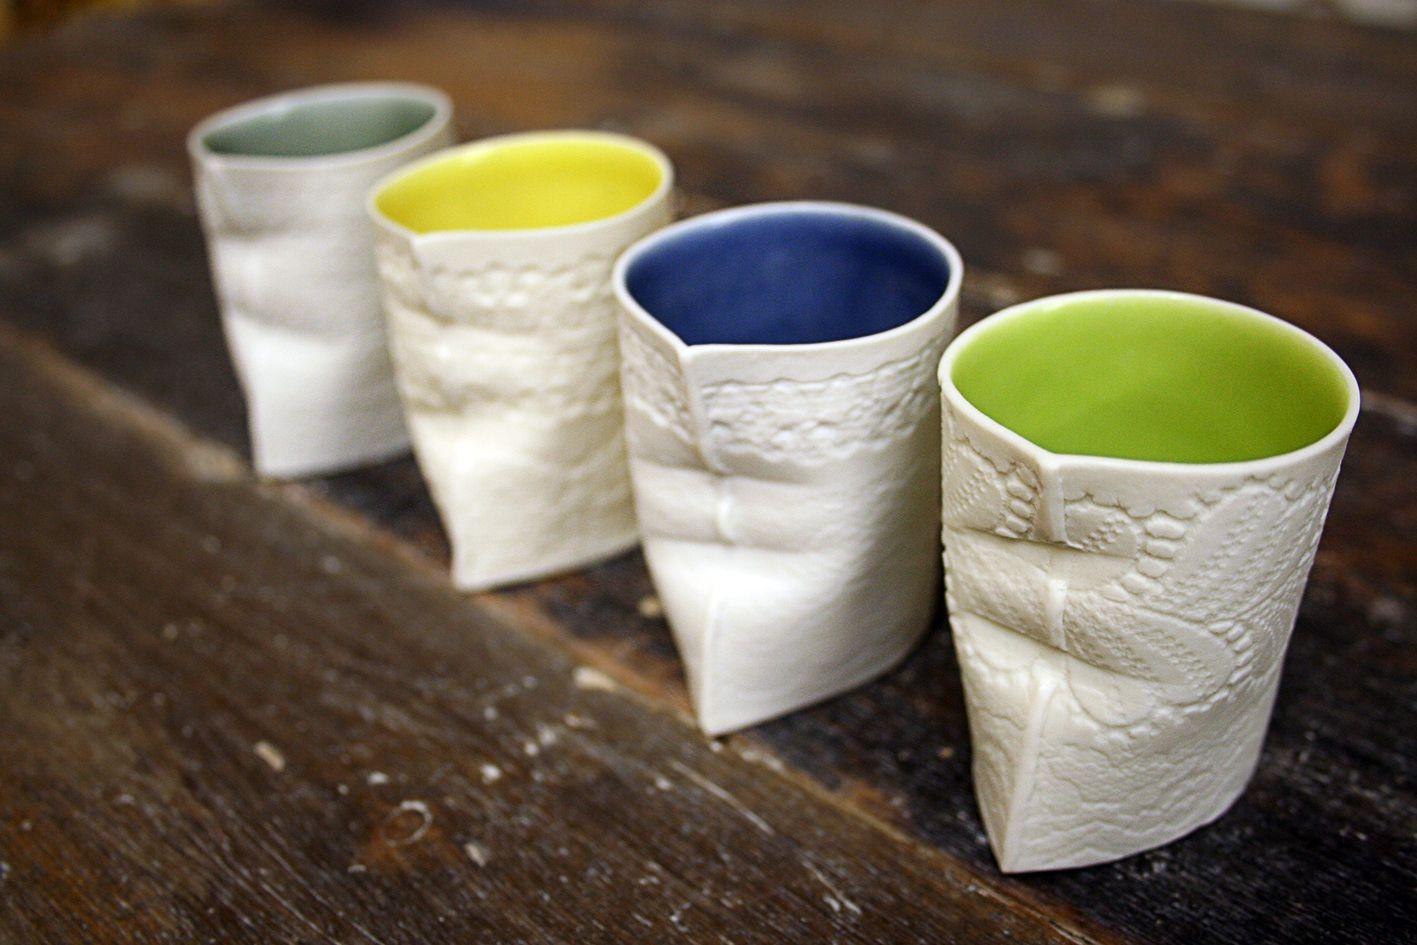 Louise Hall Ceramics Ceramics Exhibition Glassware